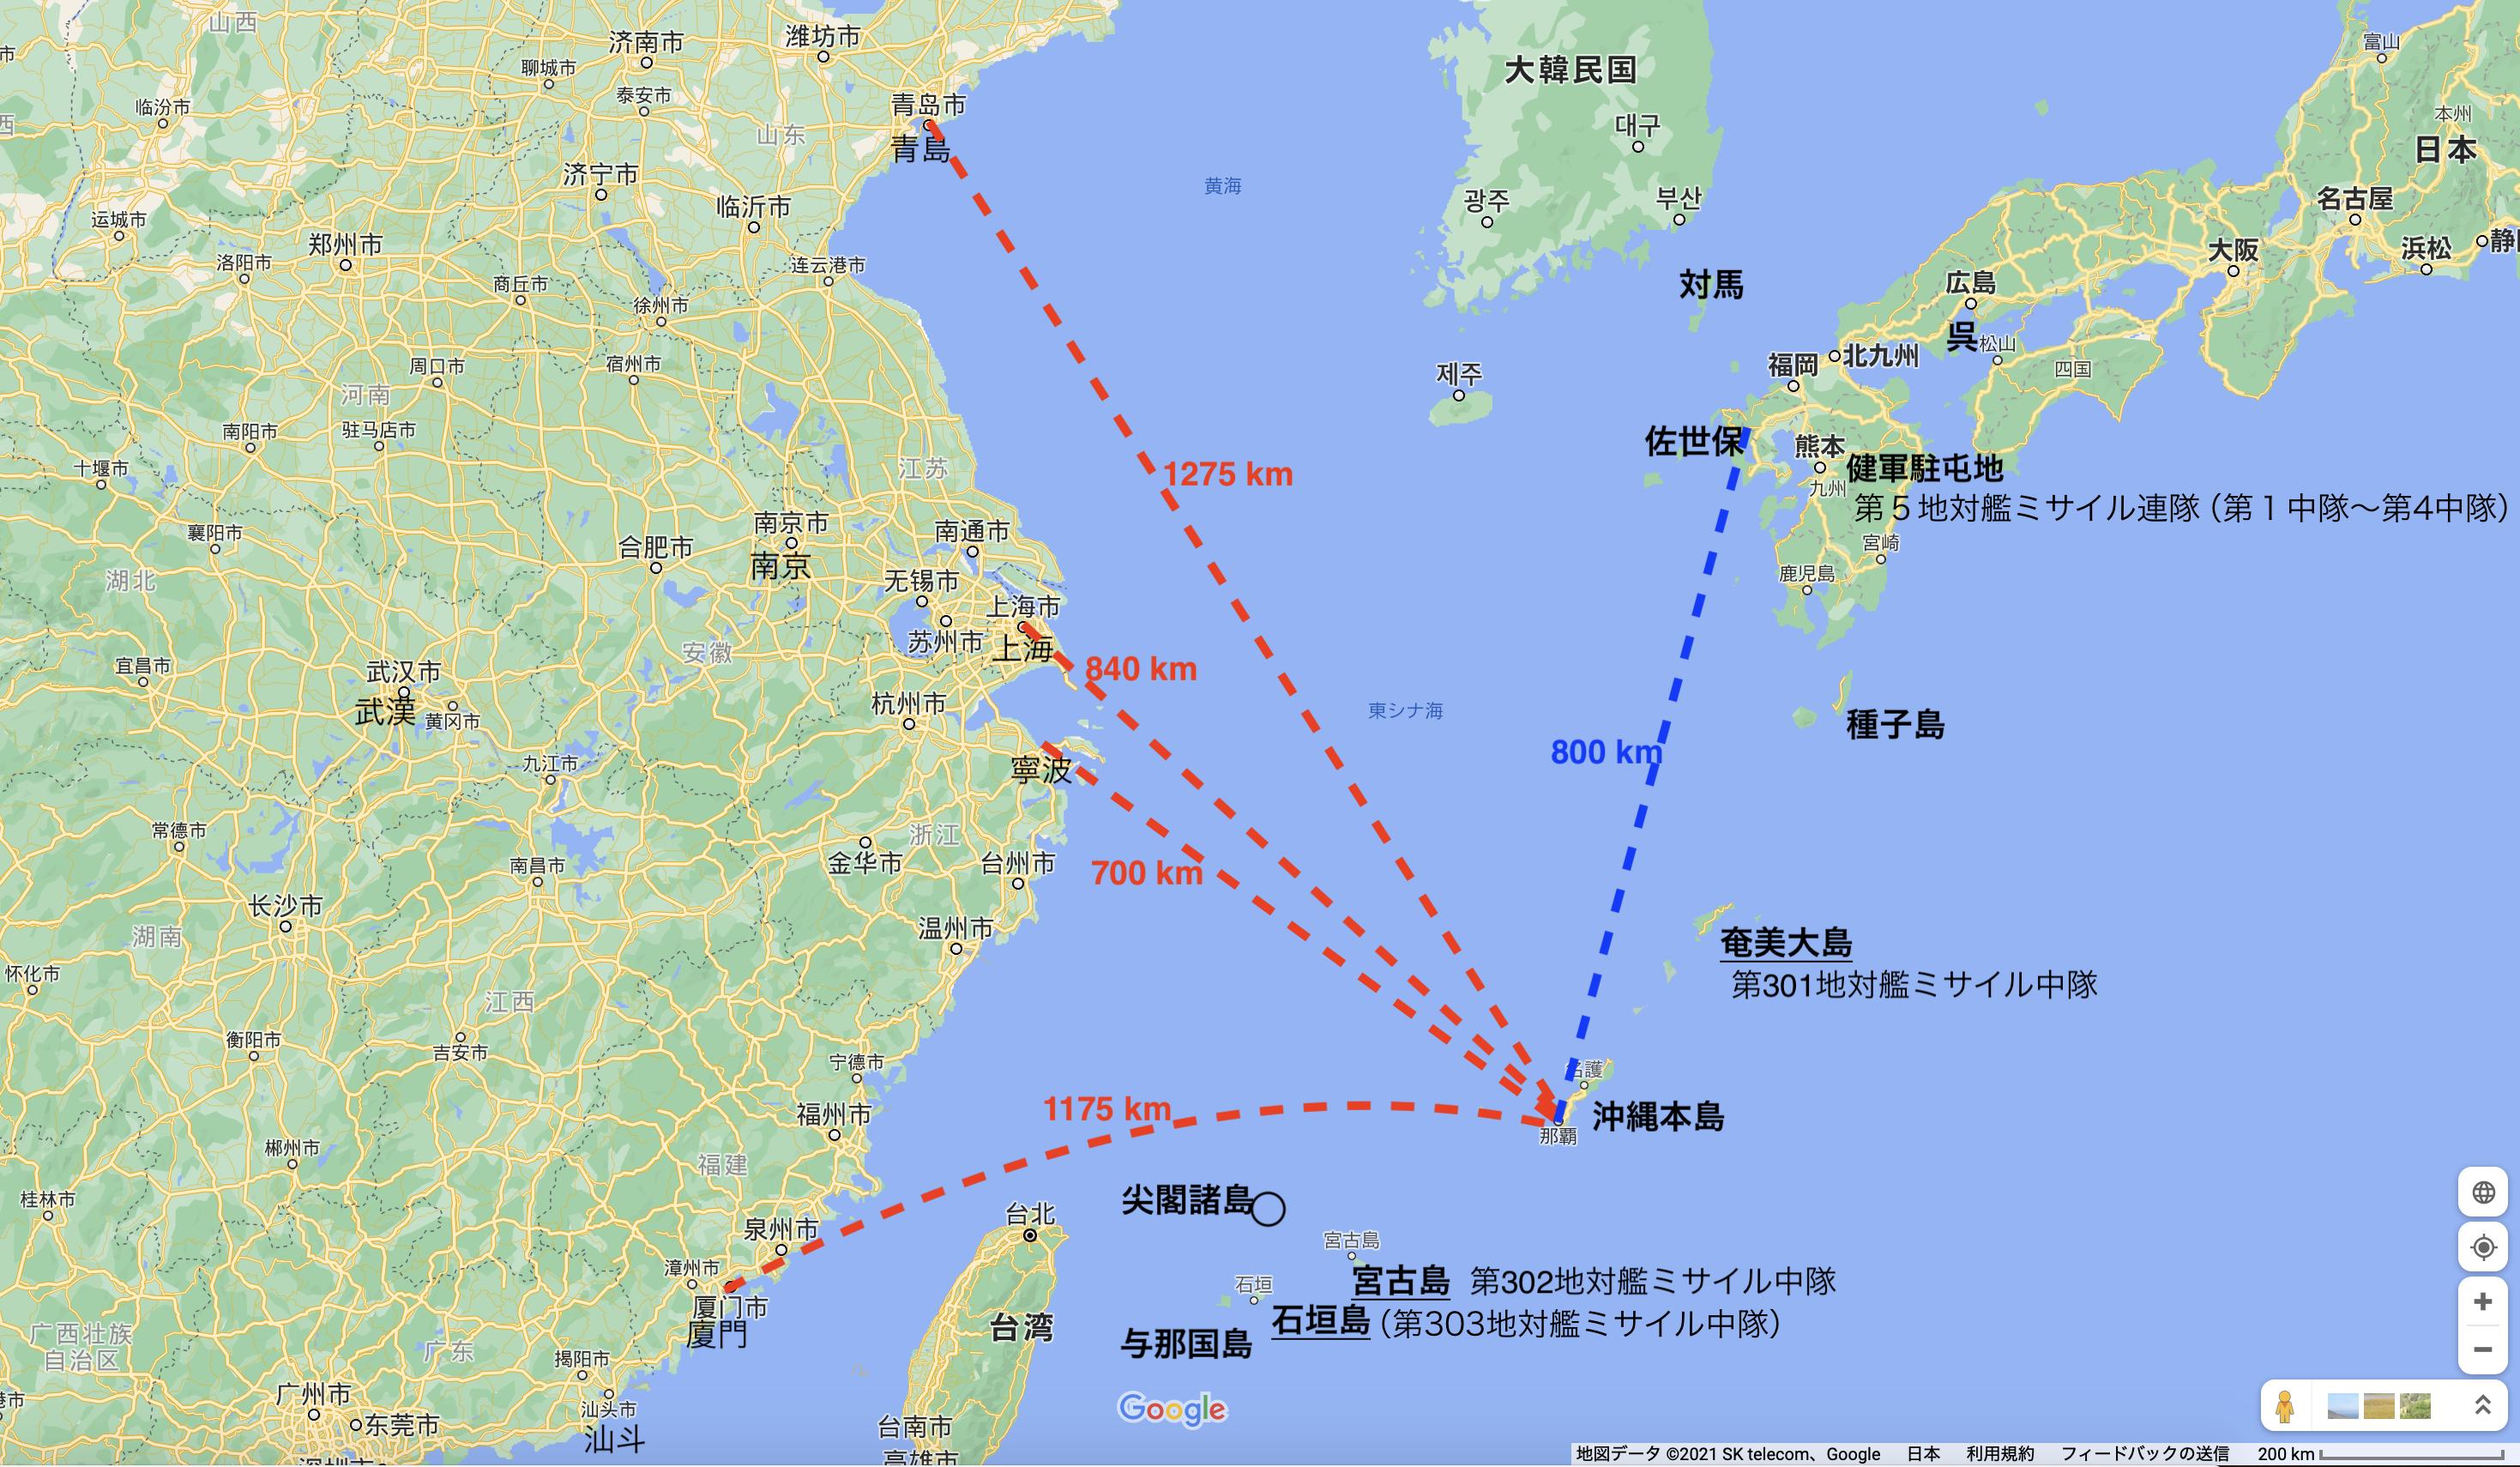 沖縄本島との距離